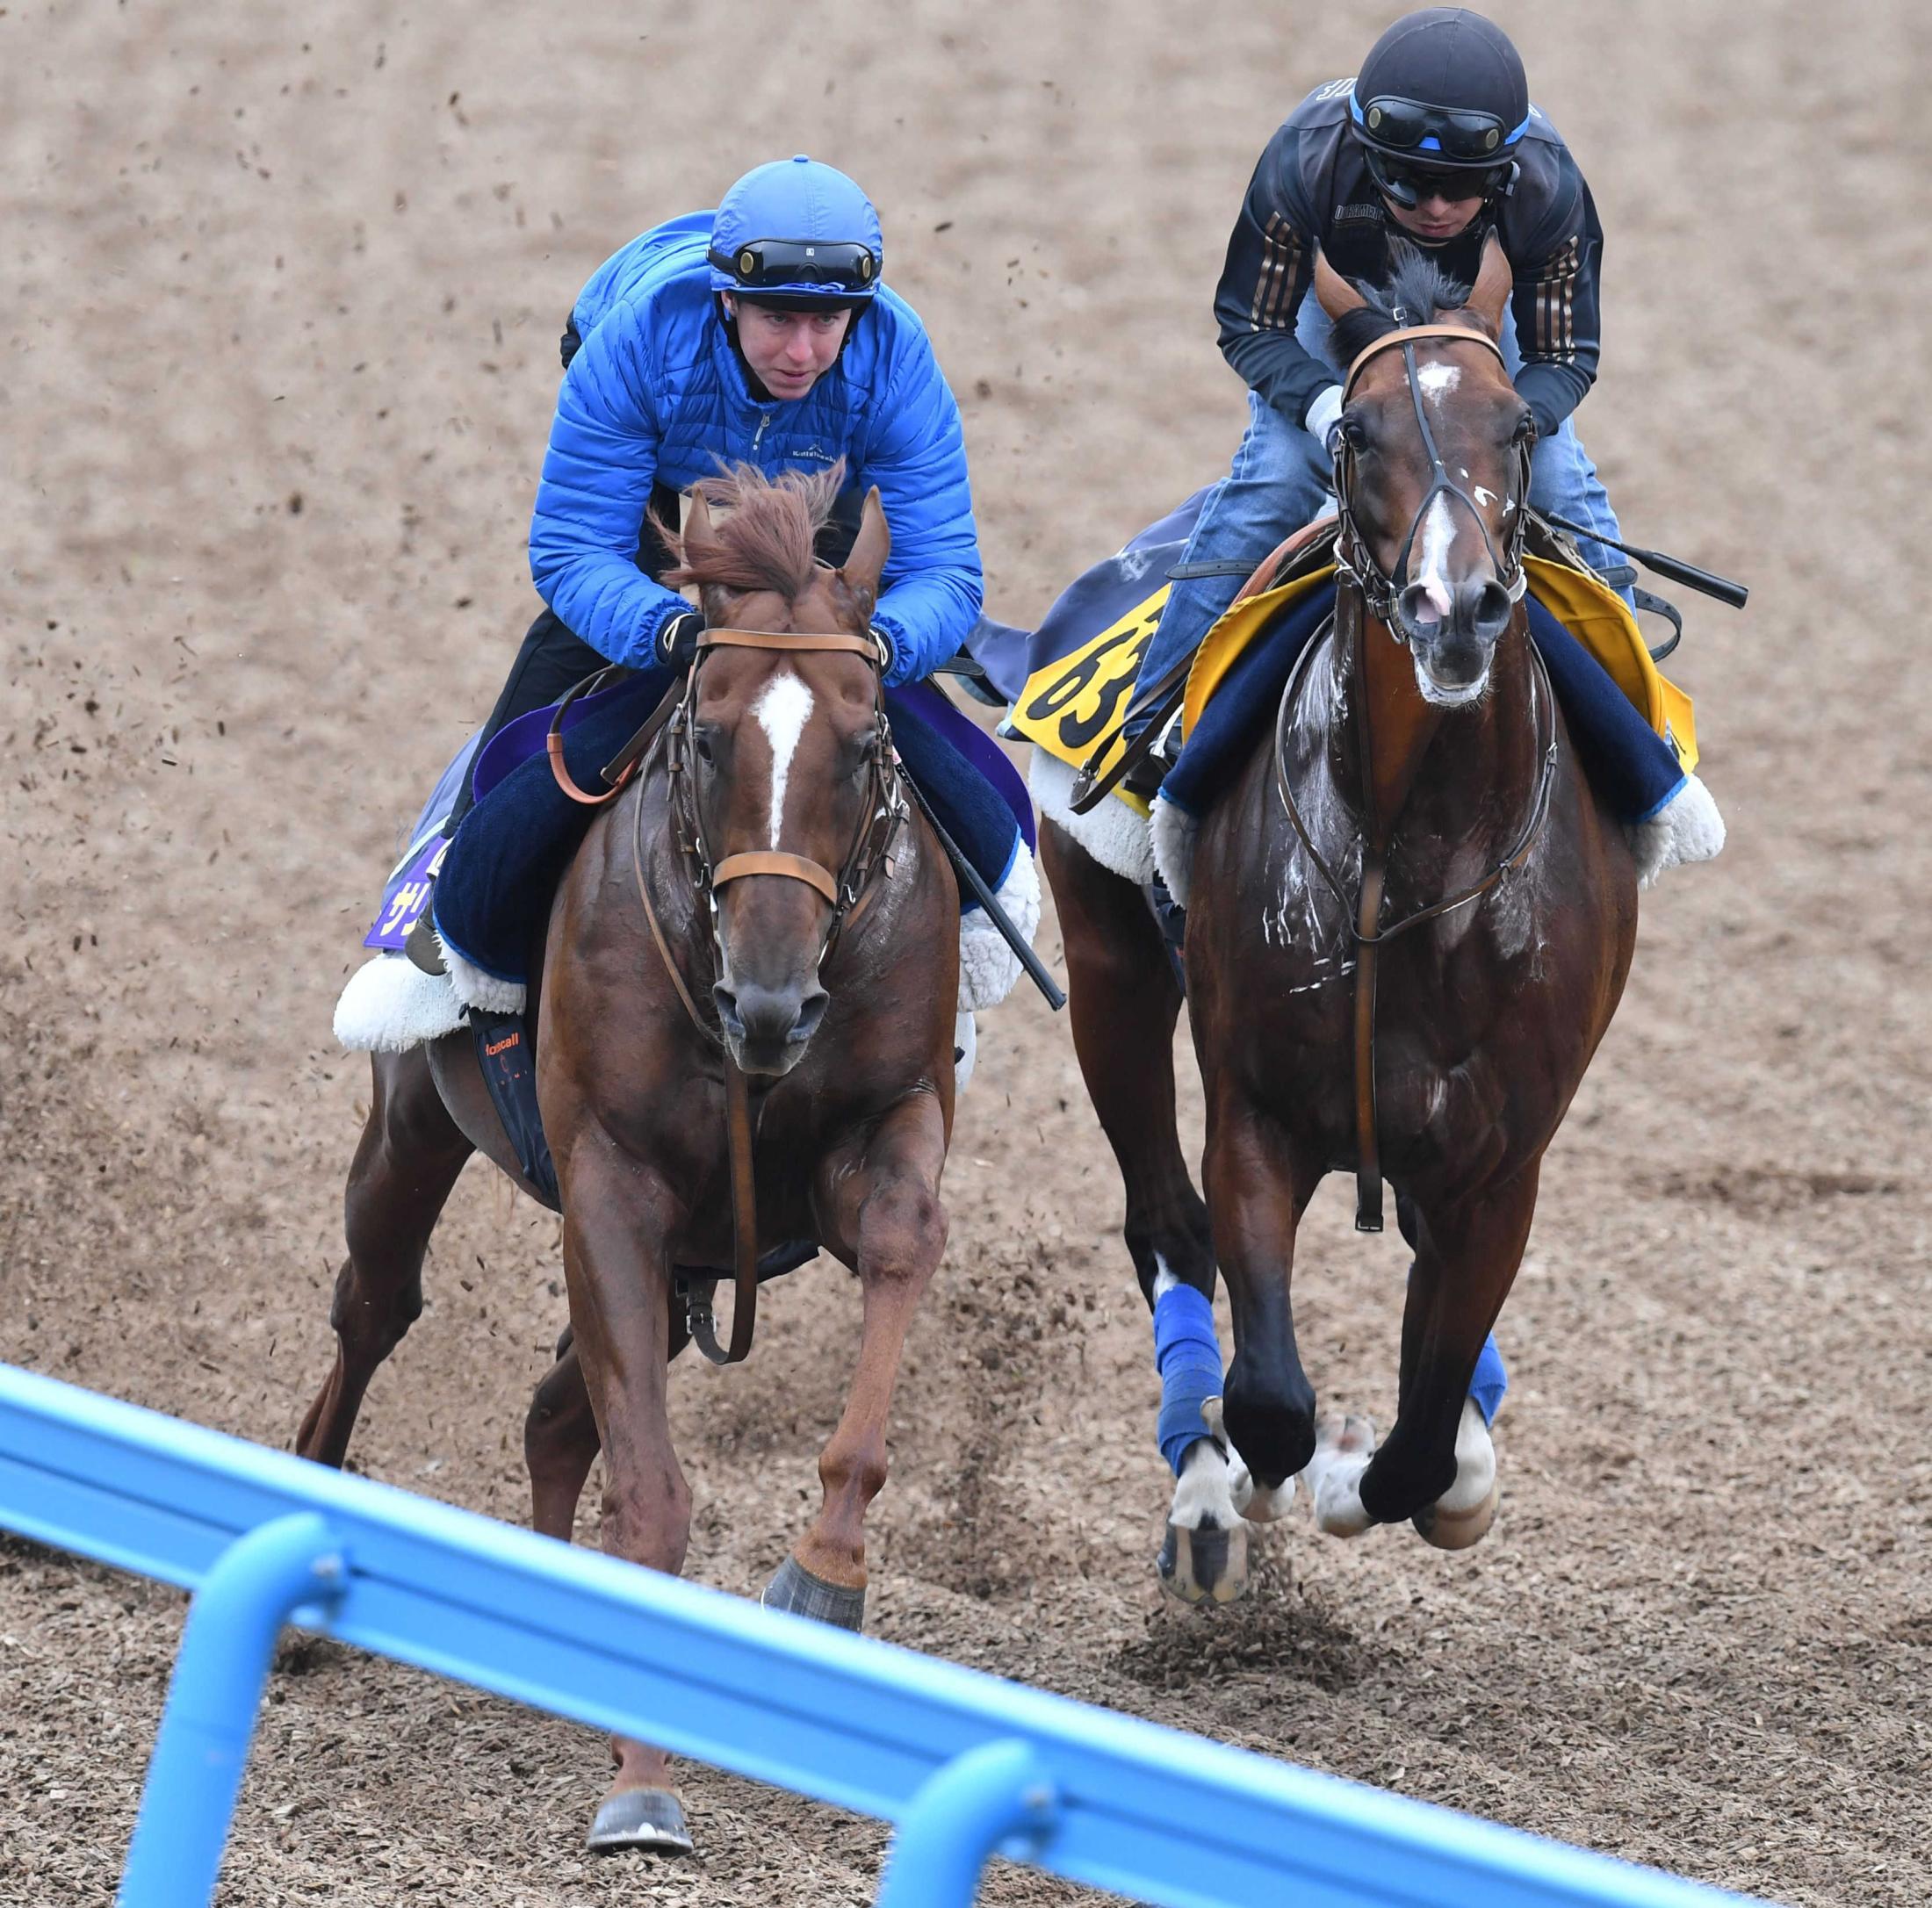 美浦Wでの併せ馬で力強い走りを見せたサリオス(左)